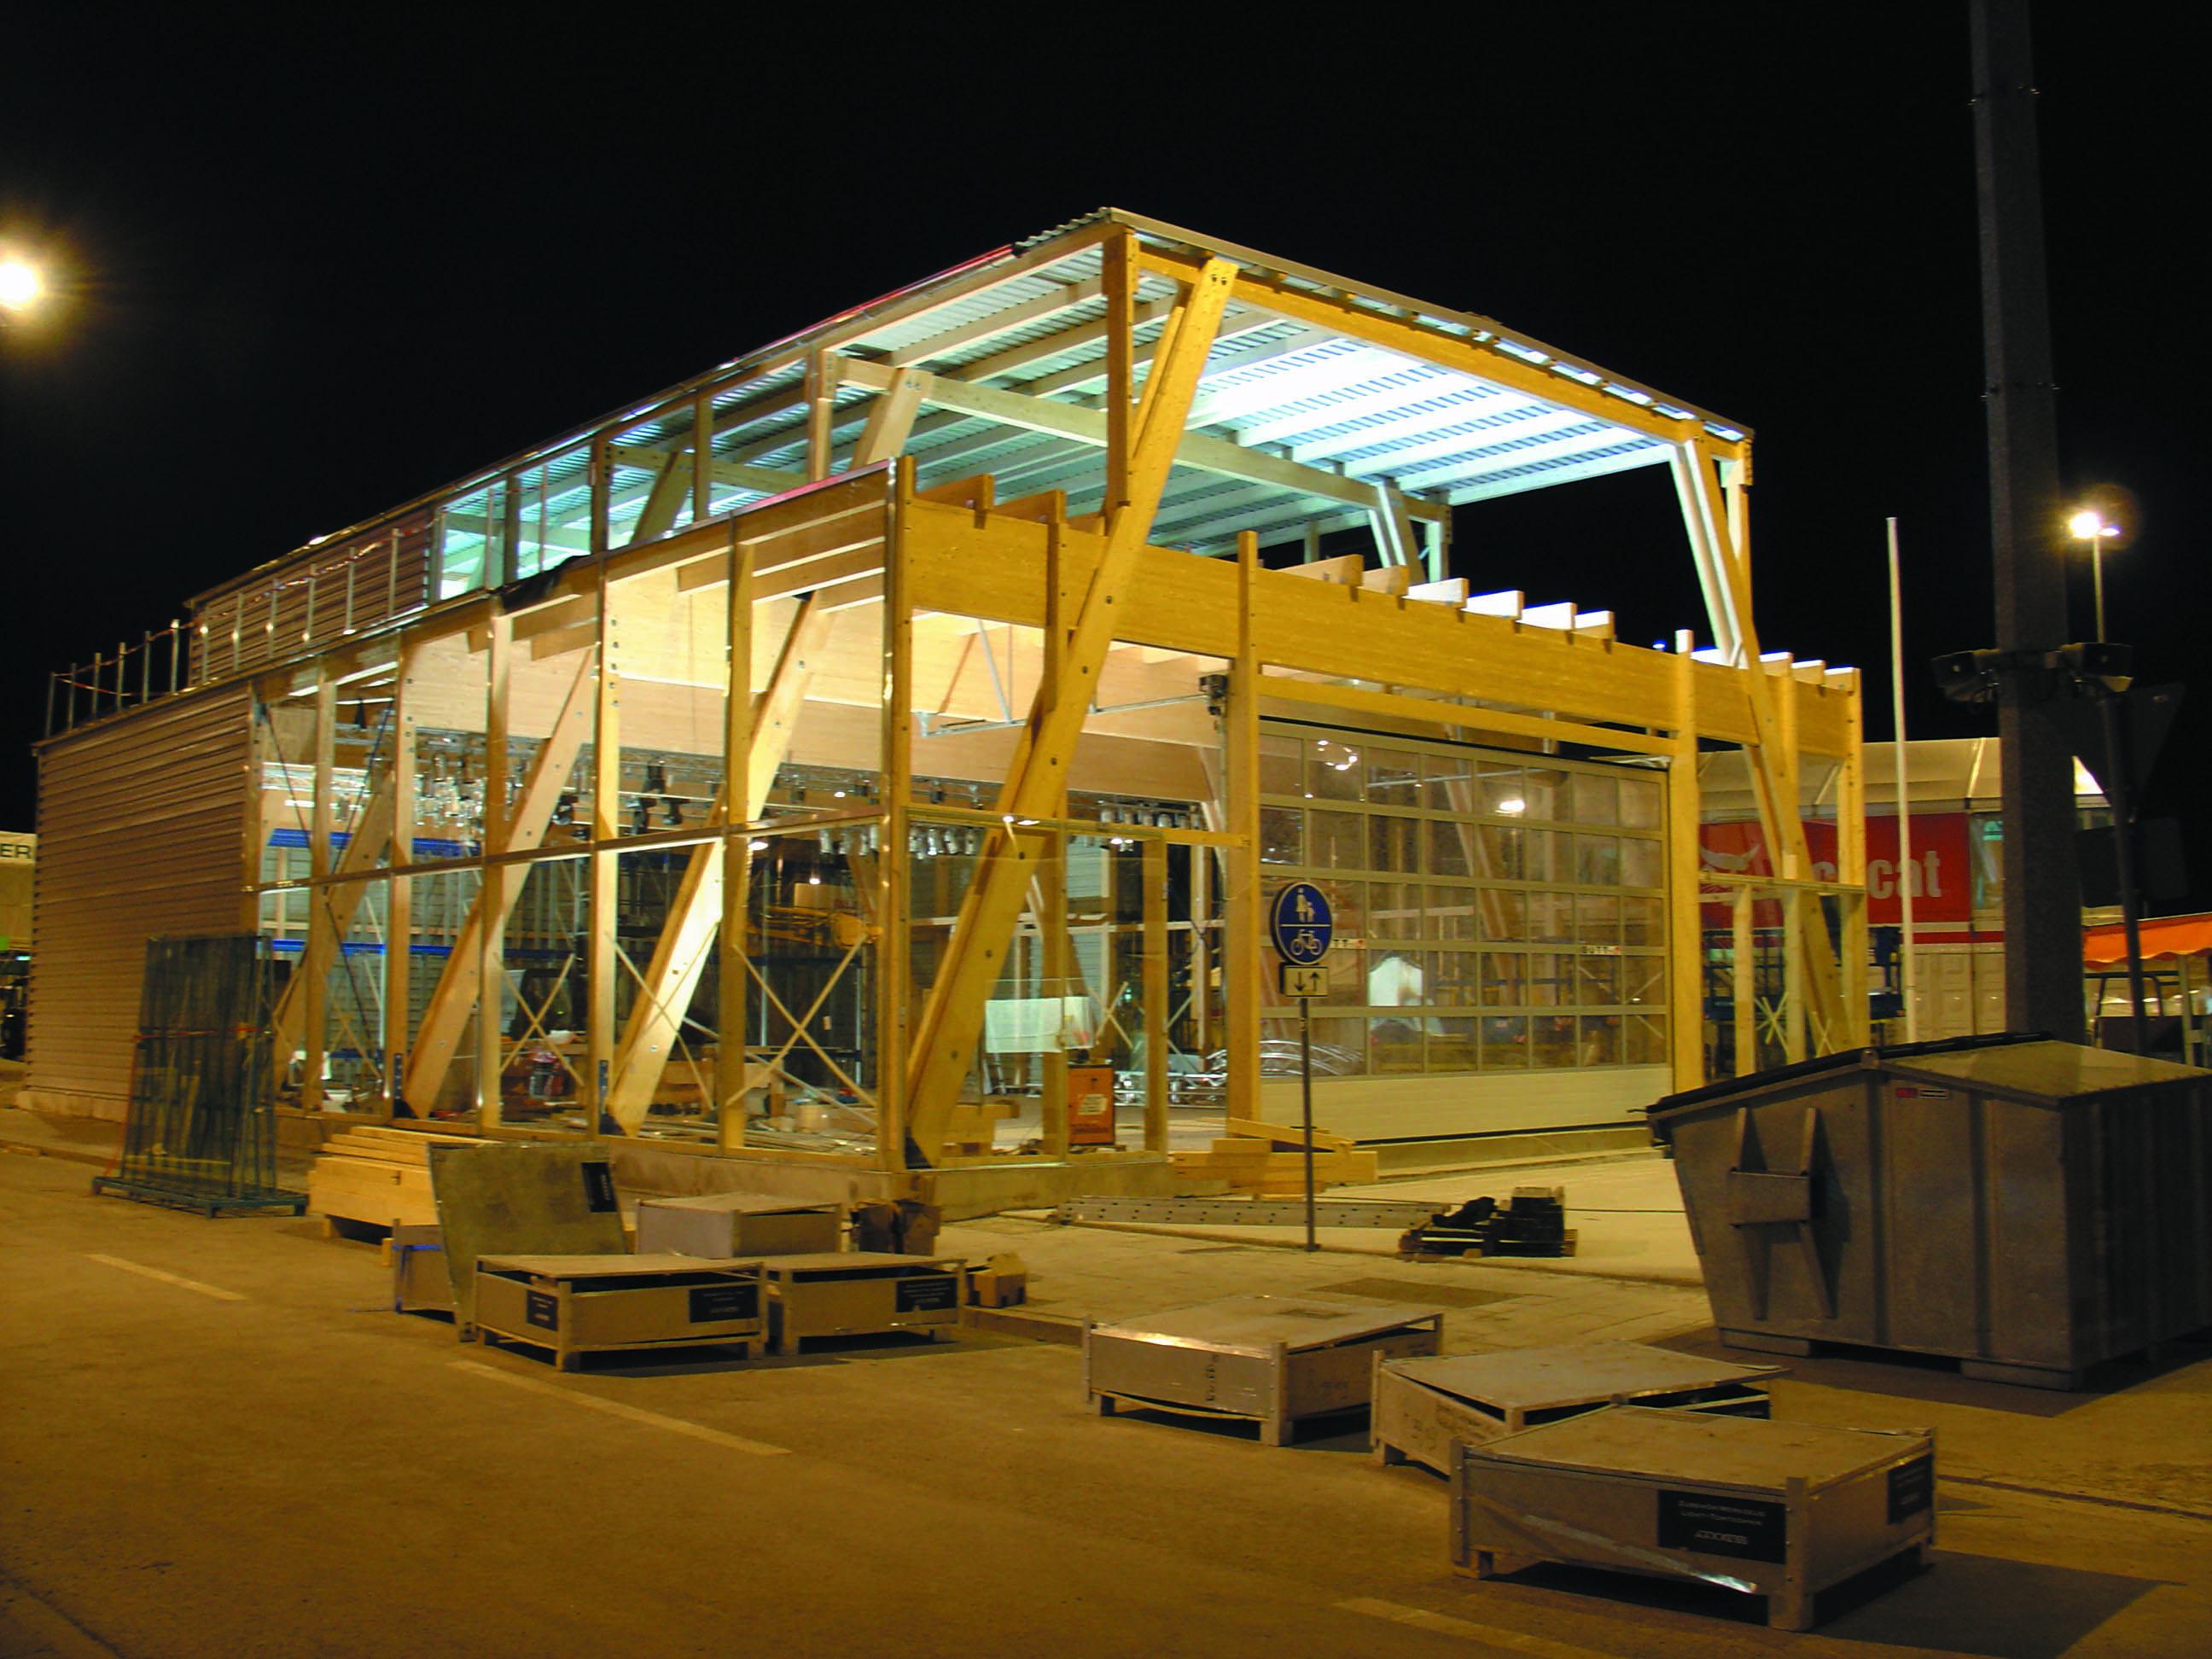 Blickfang Holzständerbauweise Kosten Dekoration Von Bvh Zweigeschossige Gewerbehalle Mit Betriebswohnung Und Buroeinheit